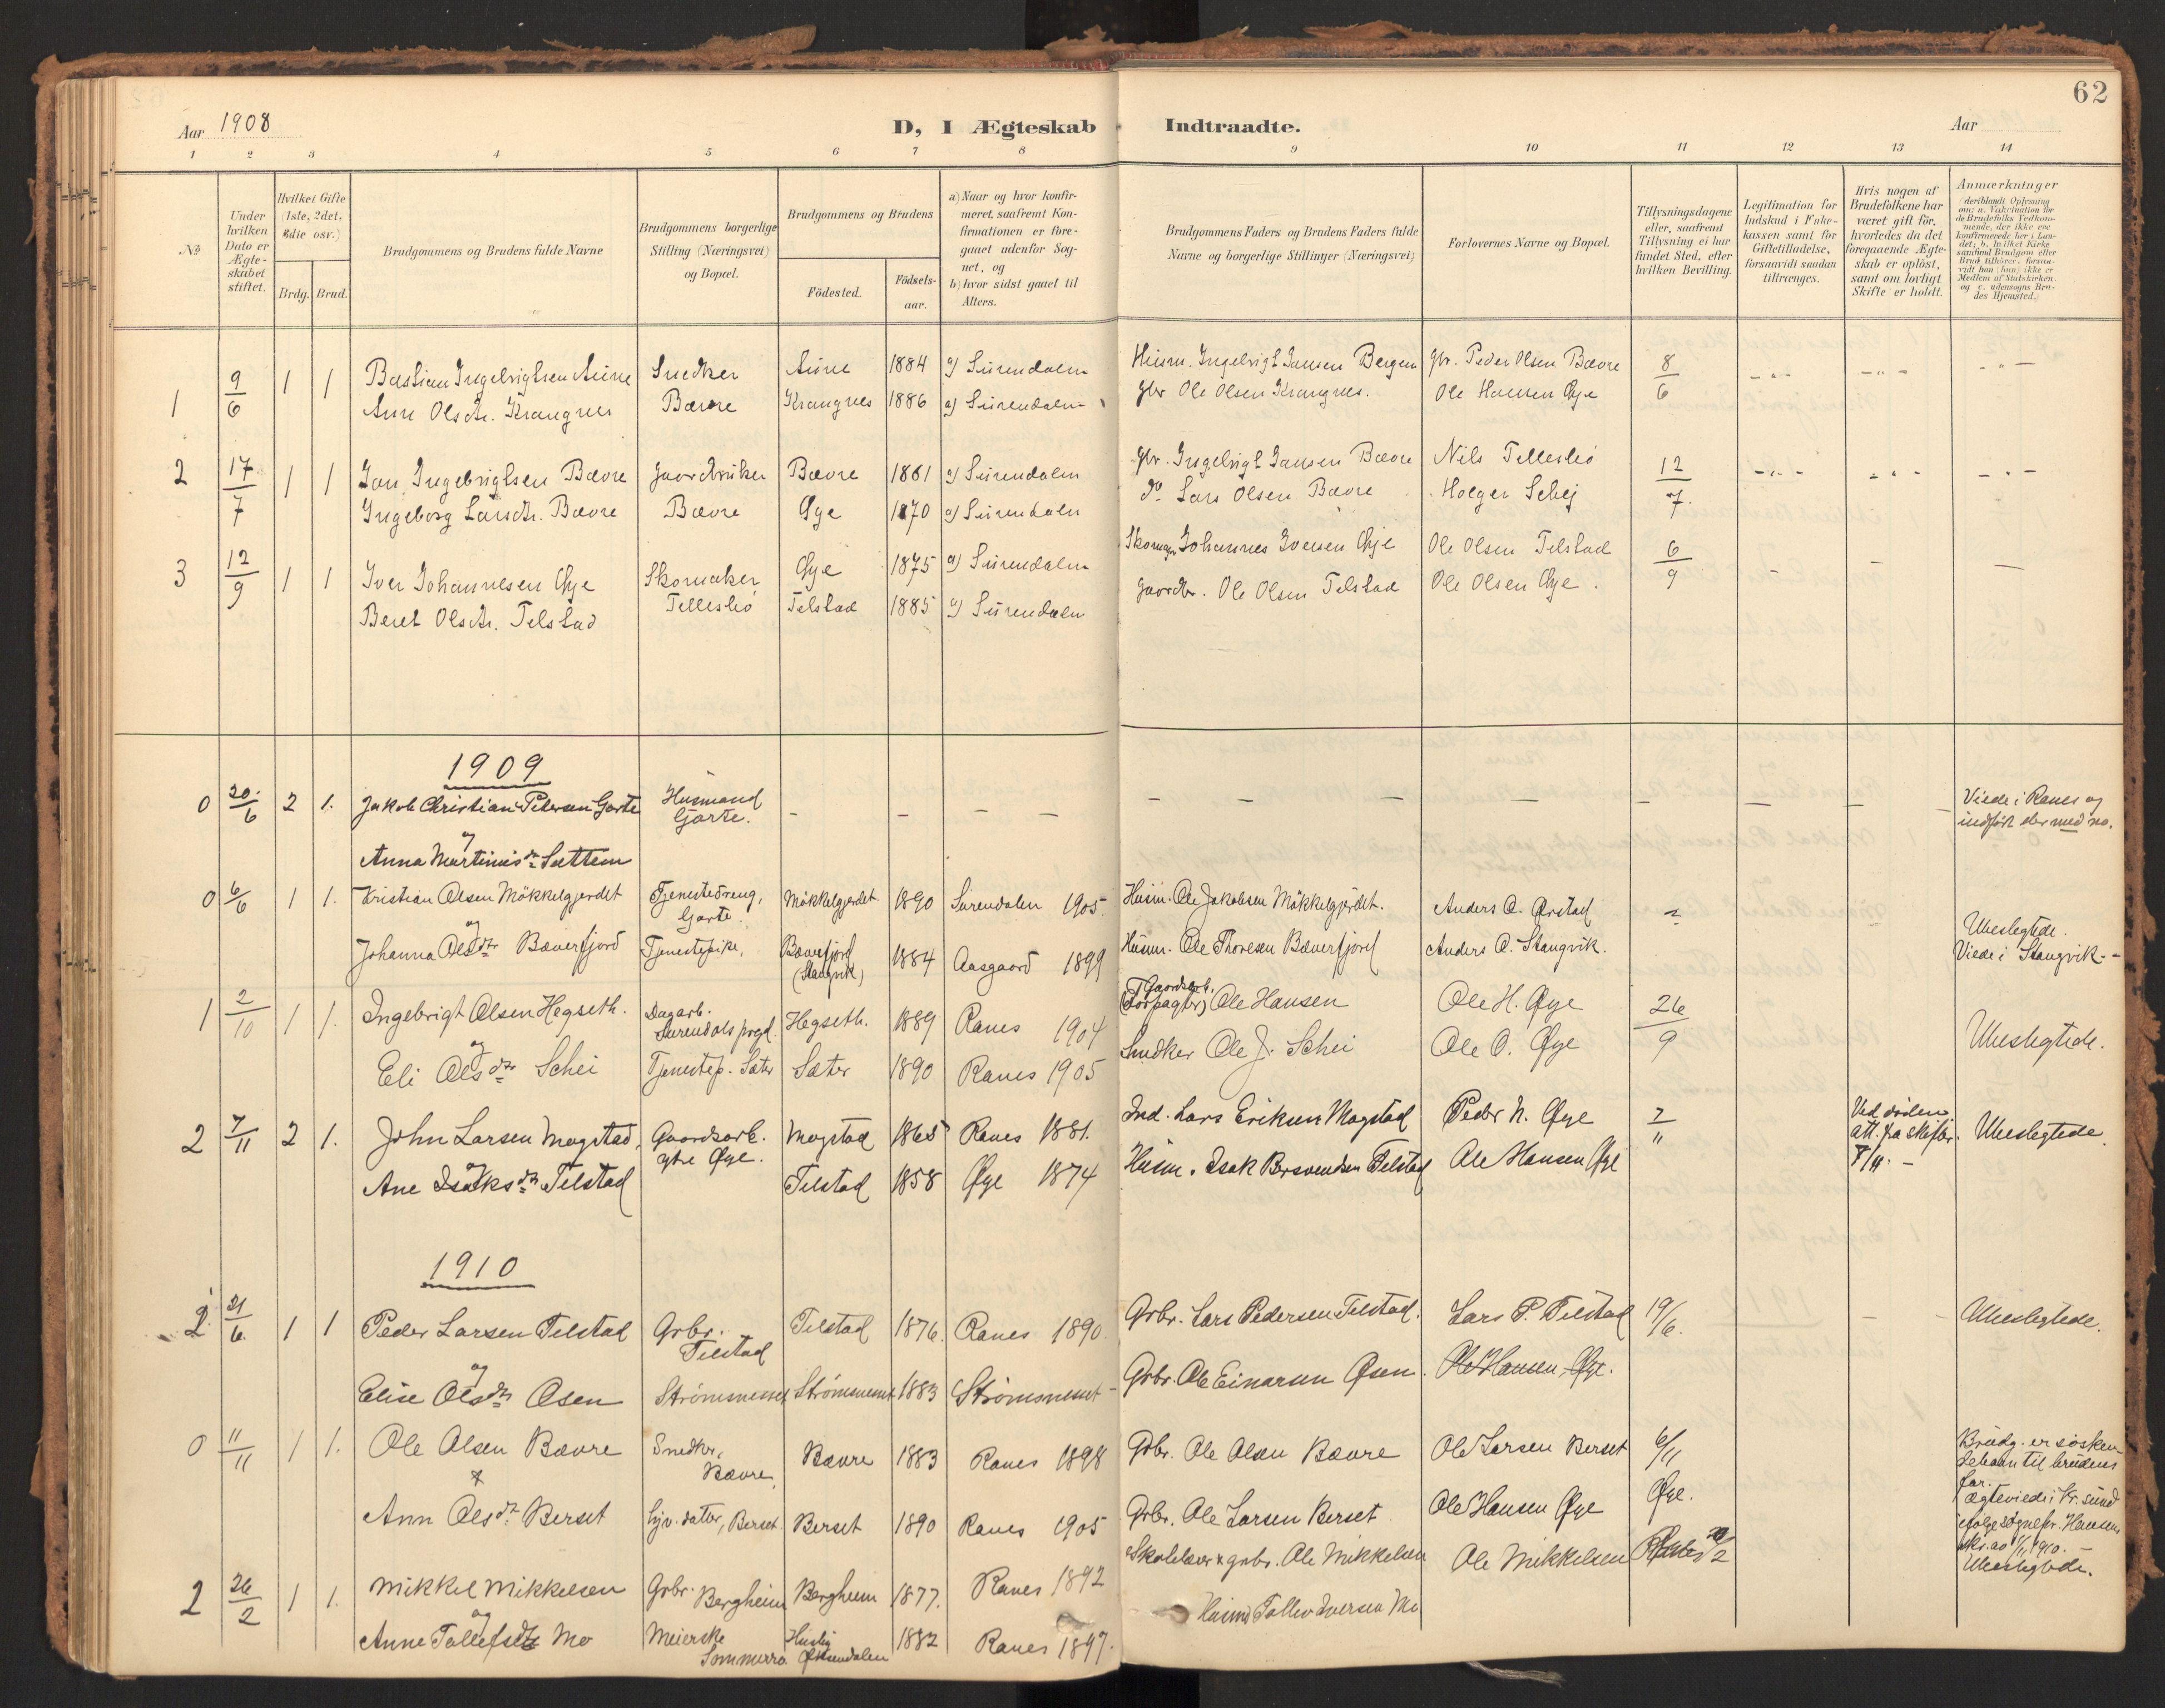 SAT, Ministerialprotokoller, klokkerbøker og fødselsregistre - Møre og Romsdal, 595/L1048: Ministerialbok nr. 595A10, 1900-1917, s. 62